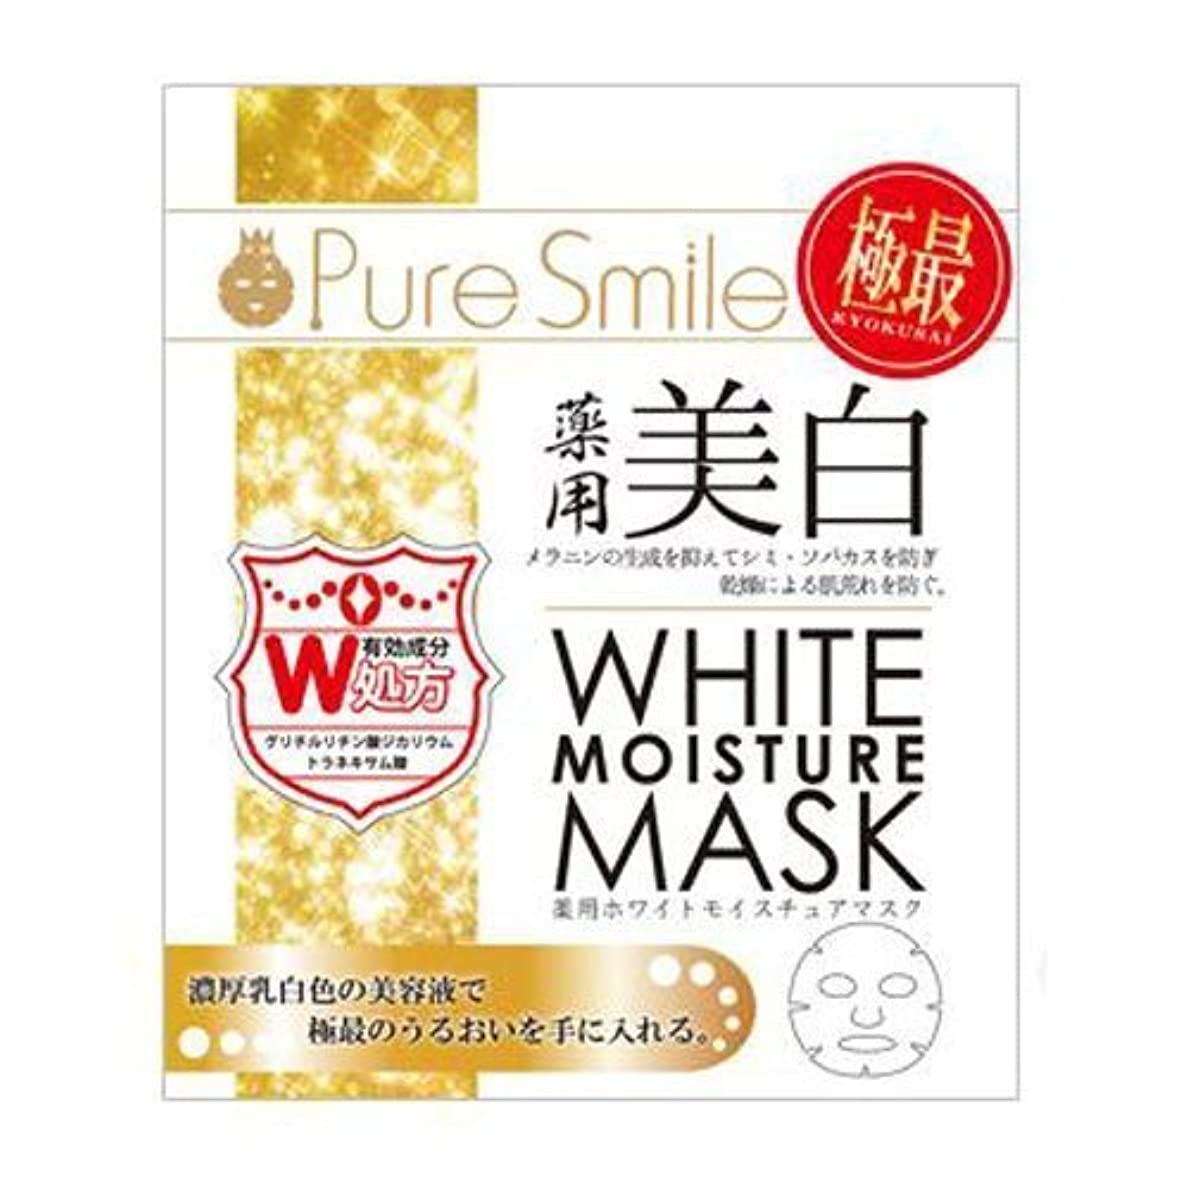 ピュアスマイル エッセンスマスク 薬用ホワイトモイスチュアマスク